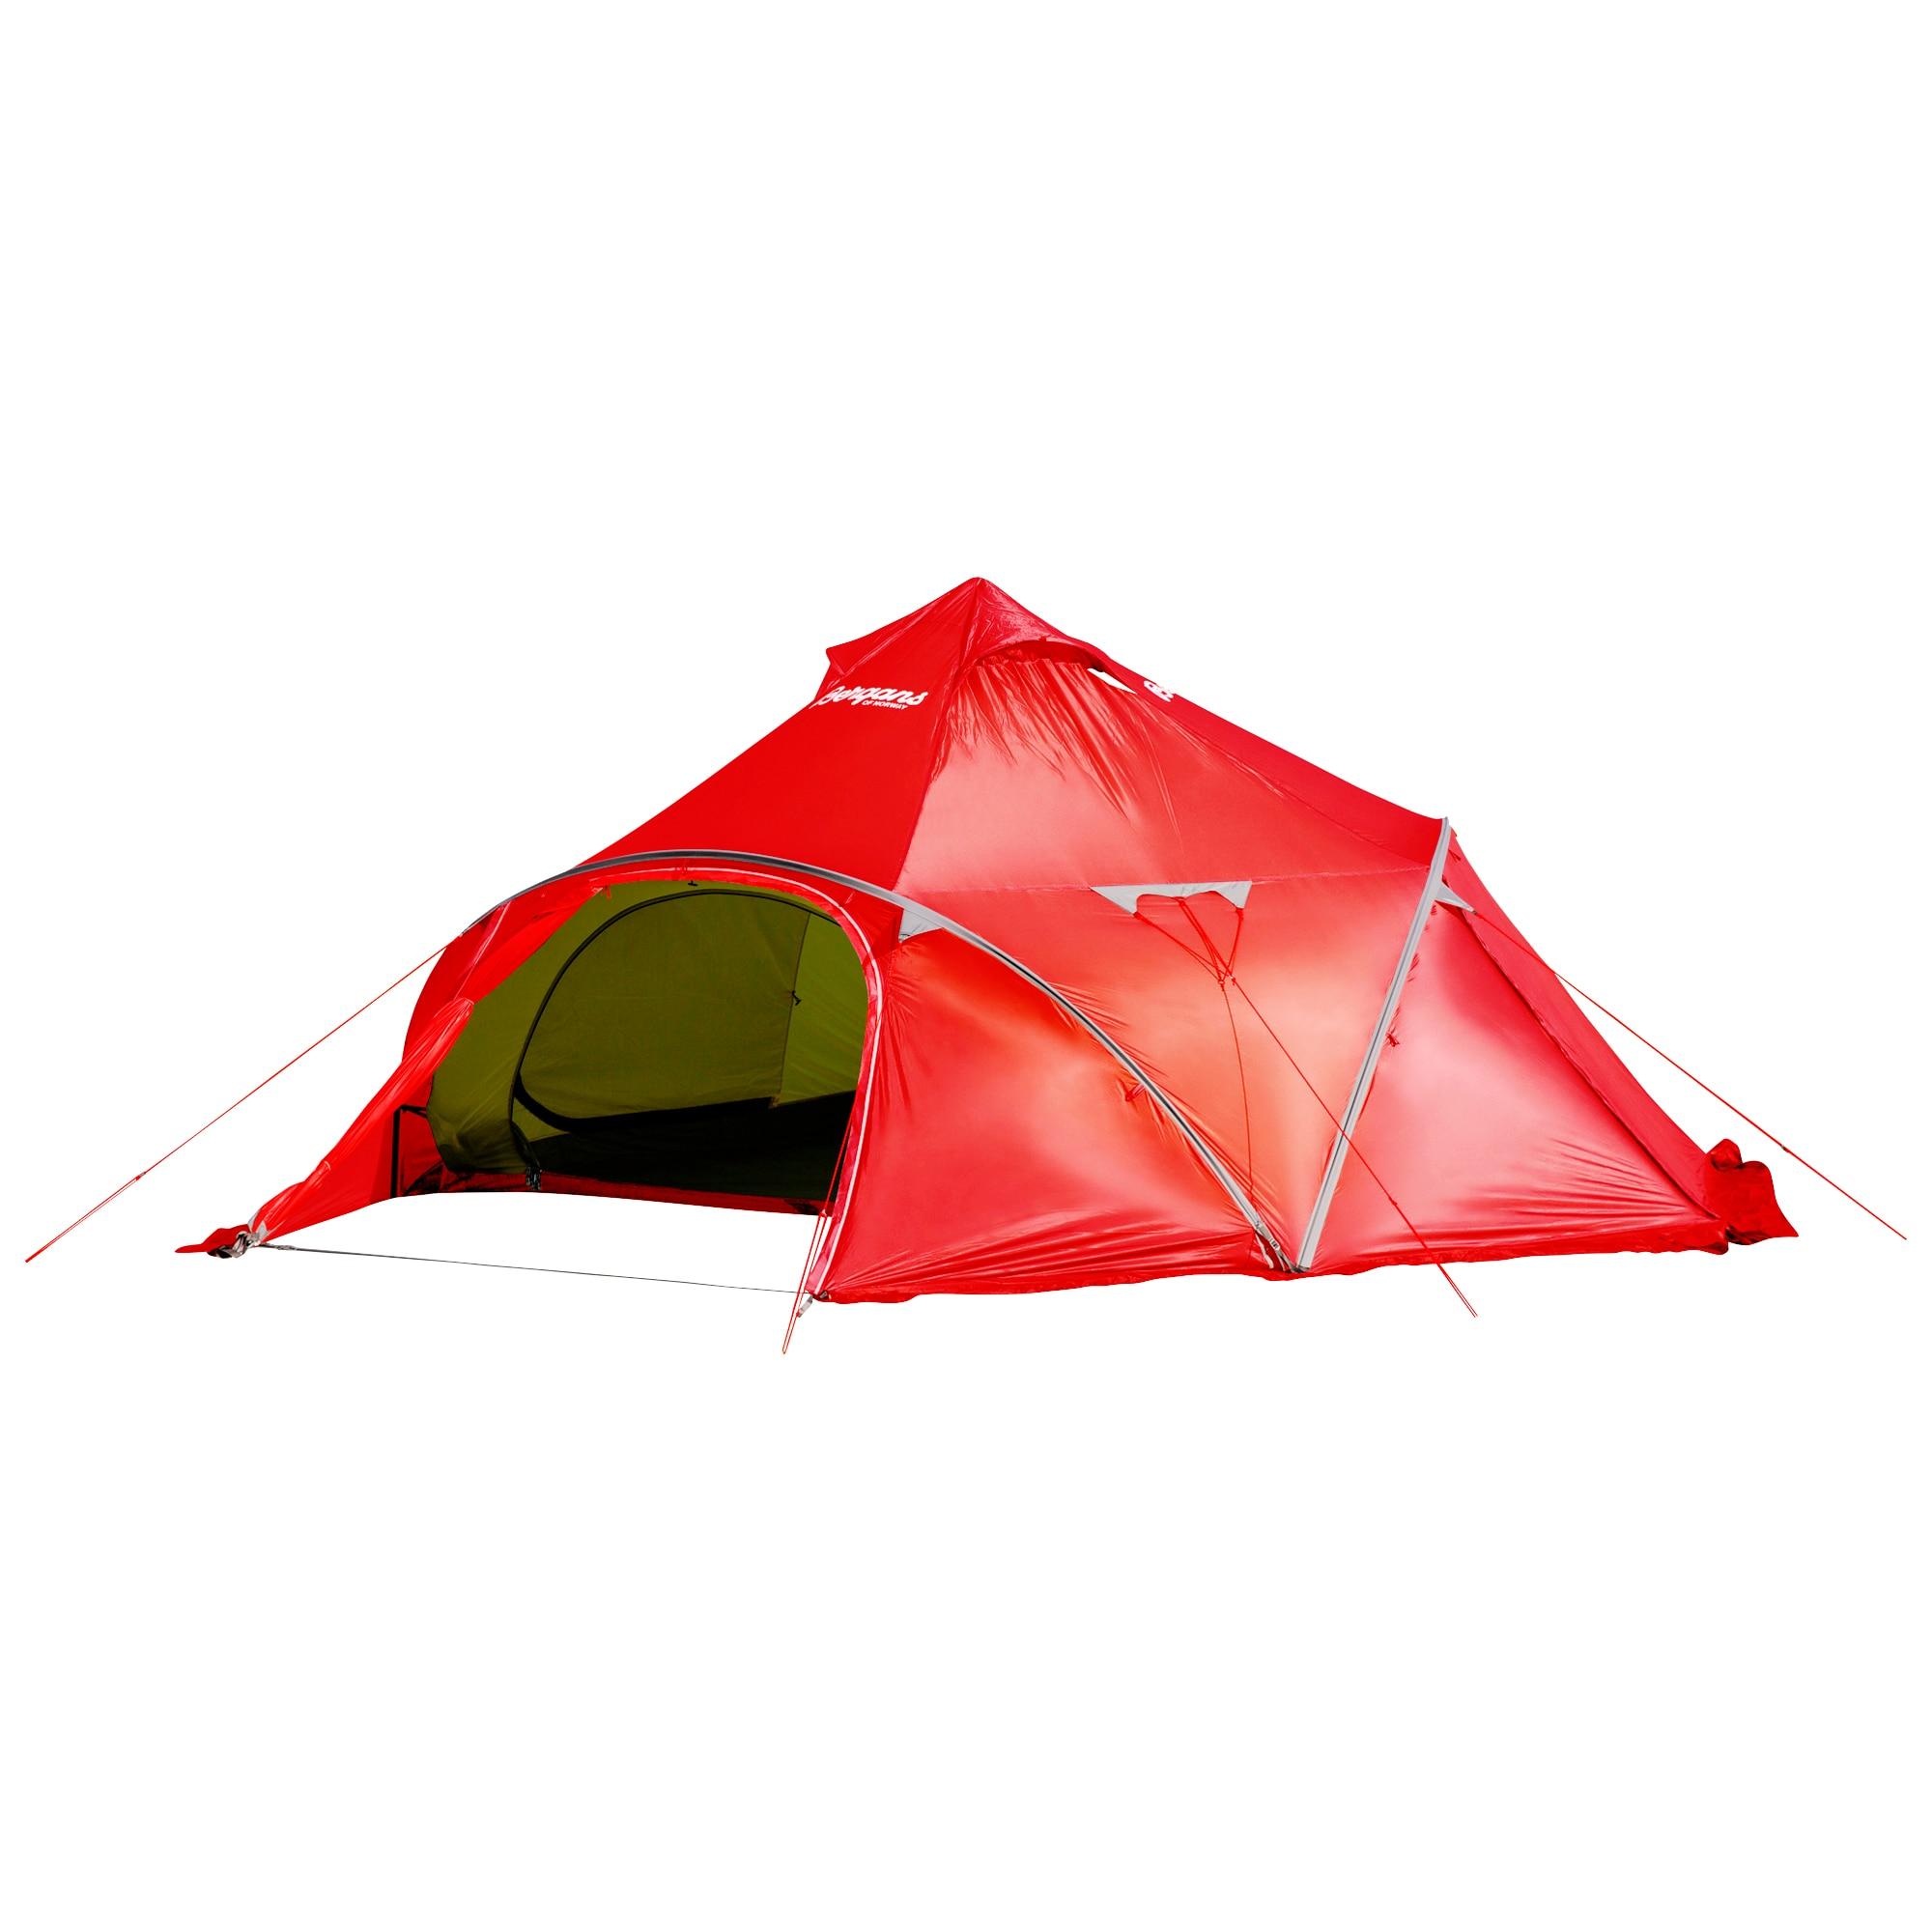 Wiglo®LT v.2 4-Persons Tent